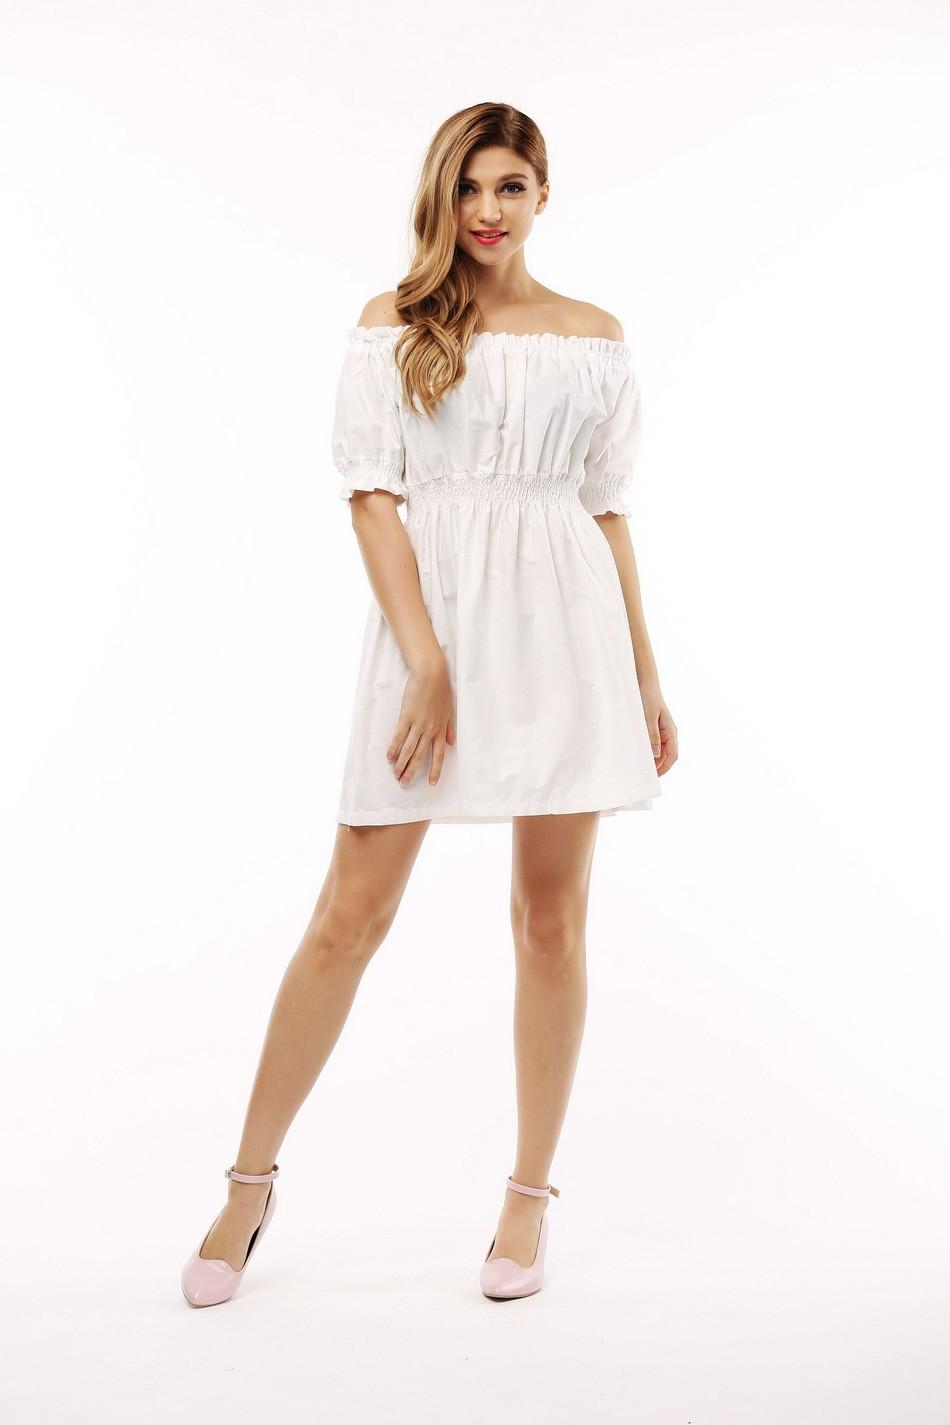 100% bawełna nowy 2017 jesień lato kobiety dress krótki rękaw casual sukienki plus size vestidos wc0380 9